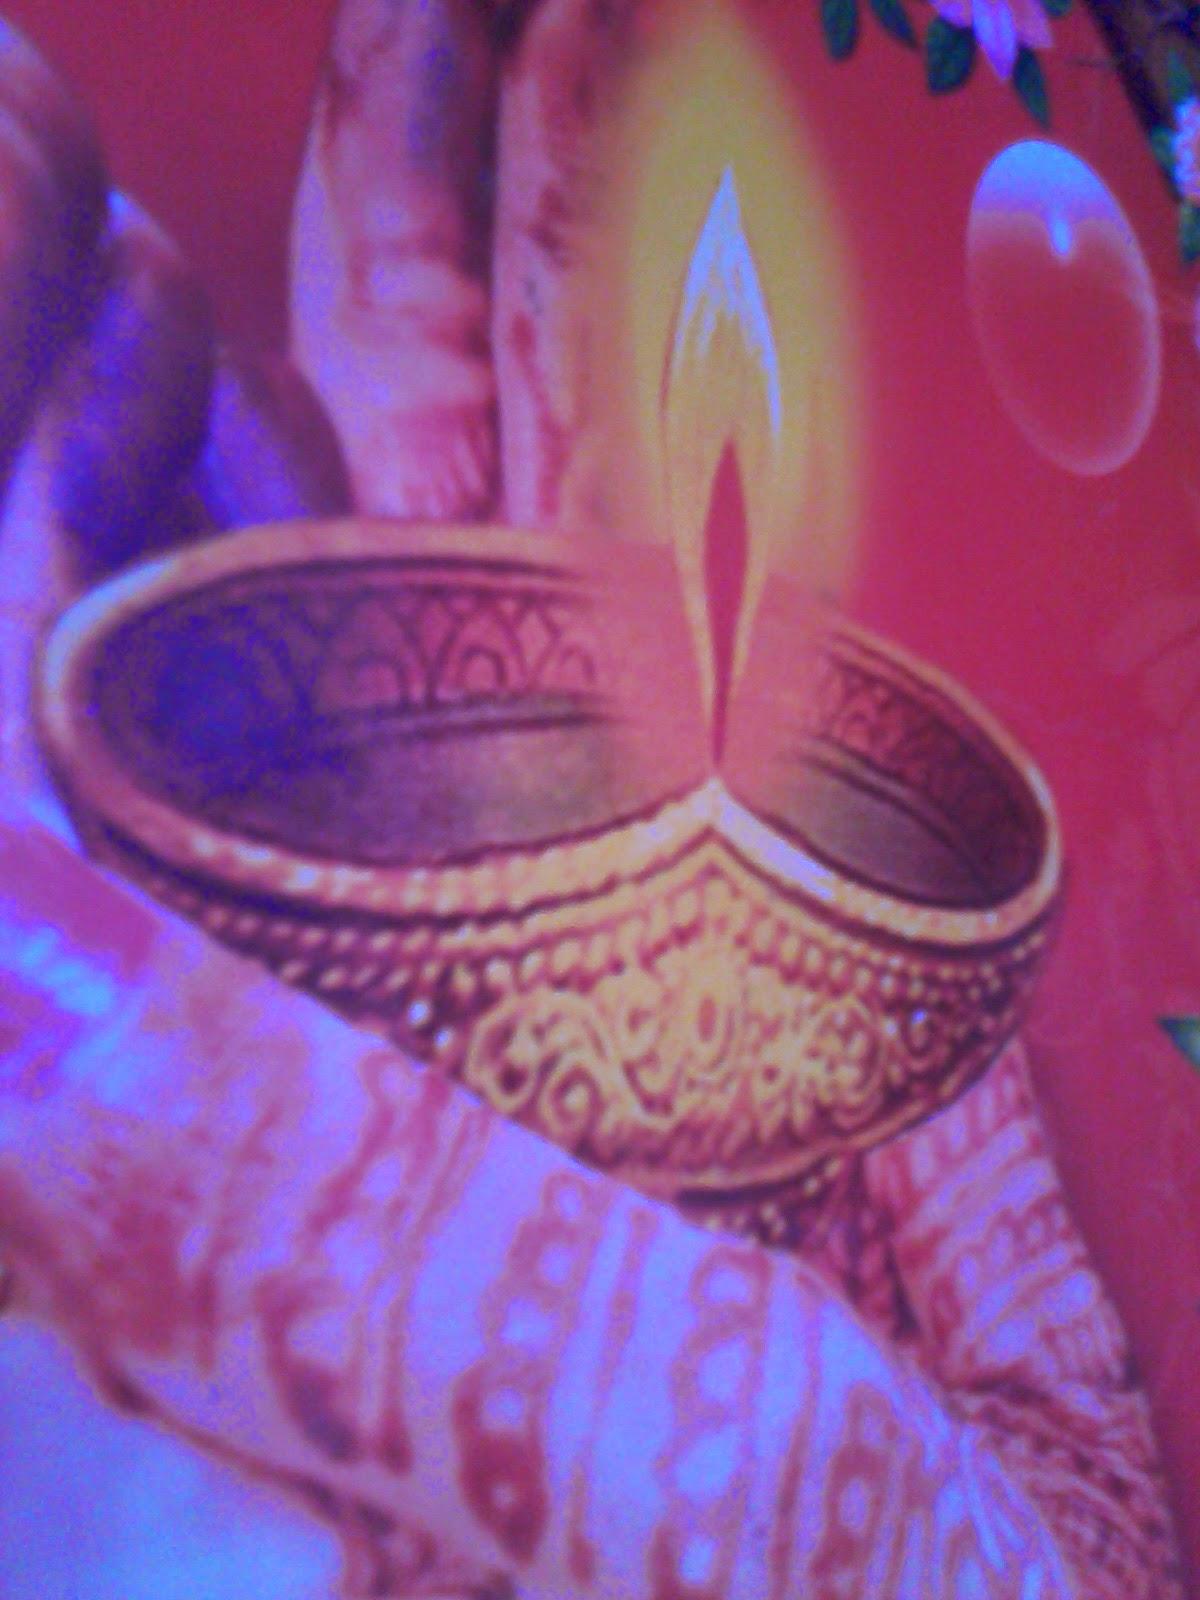 अनमोल विचारों की पूँजी, अनमोल वचन, Anmol vicharon ka mahatva